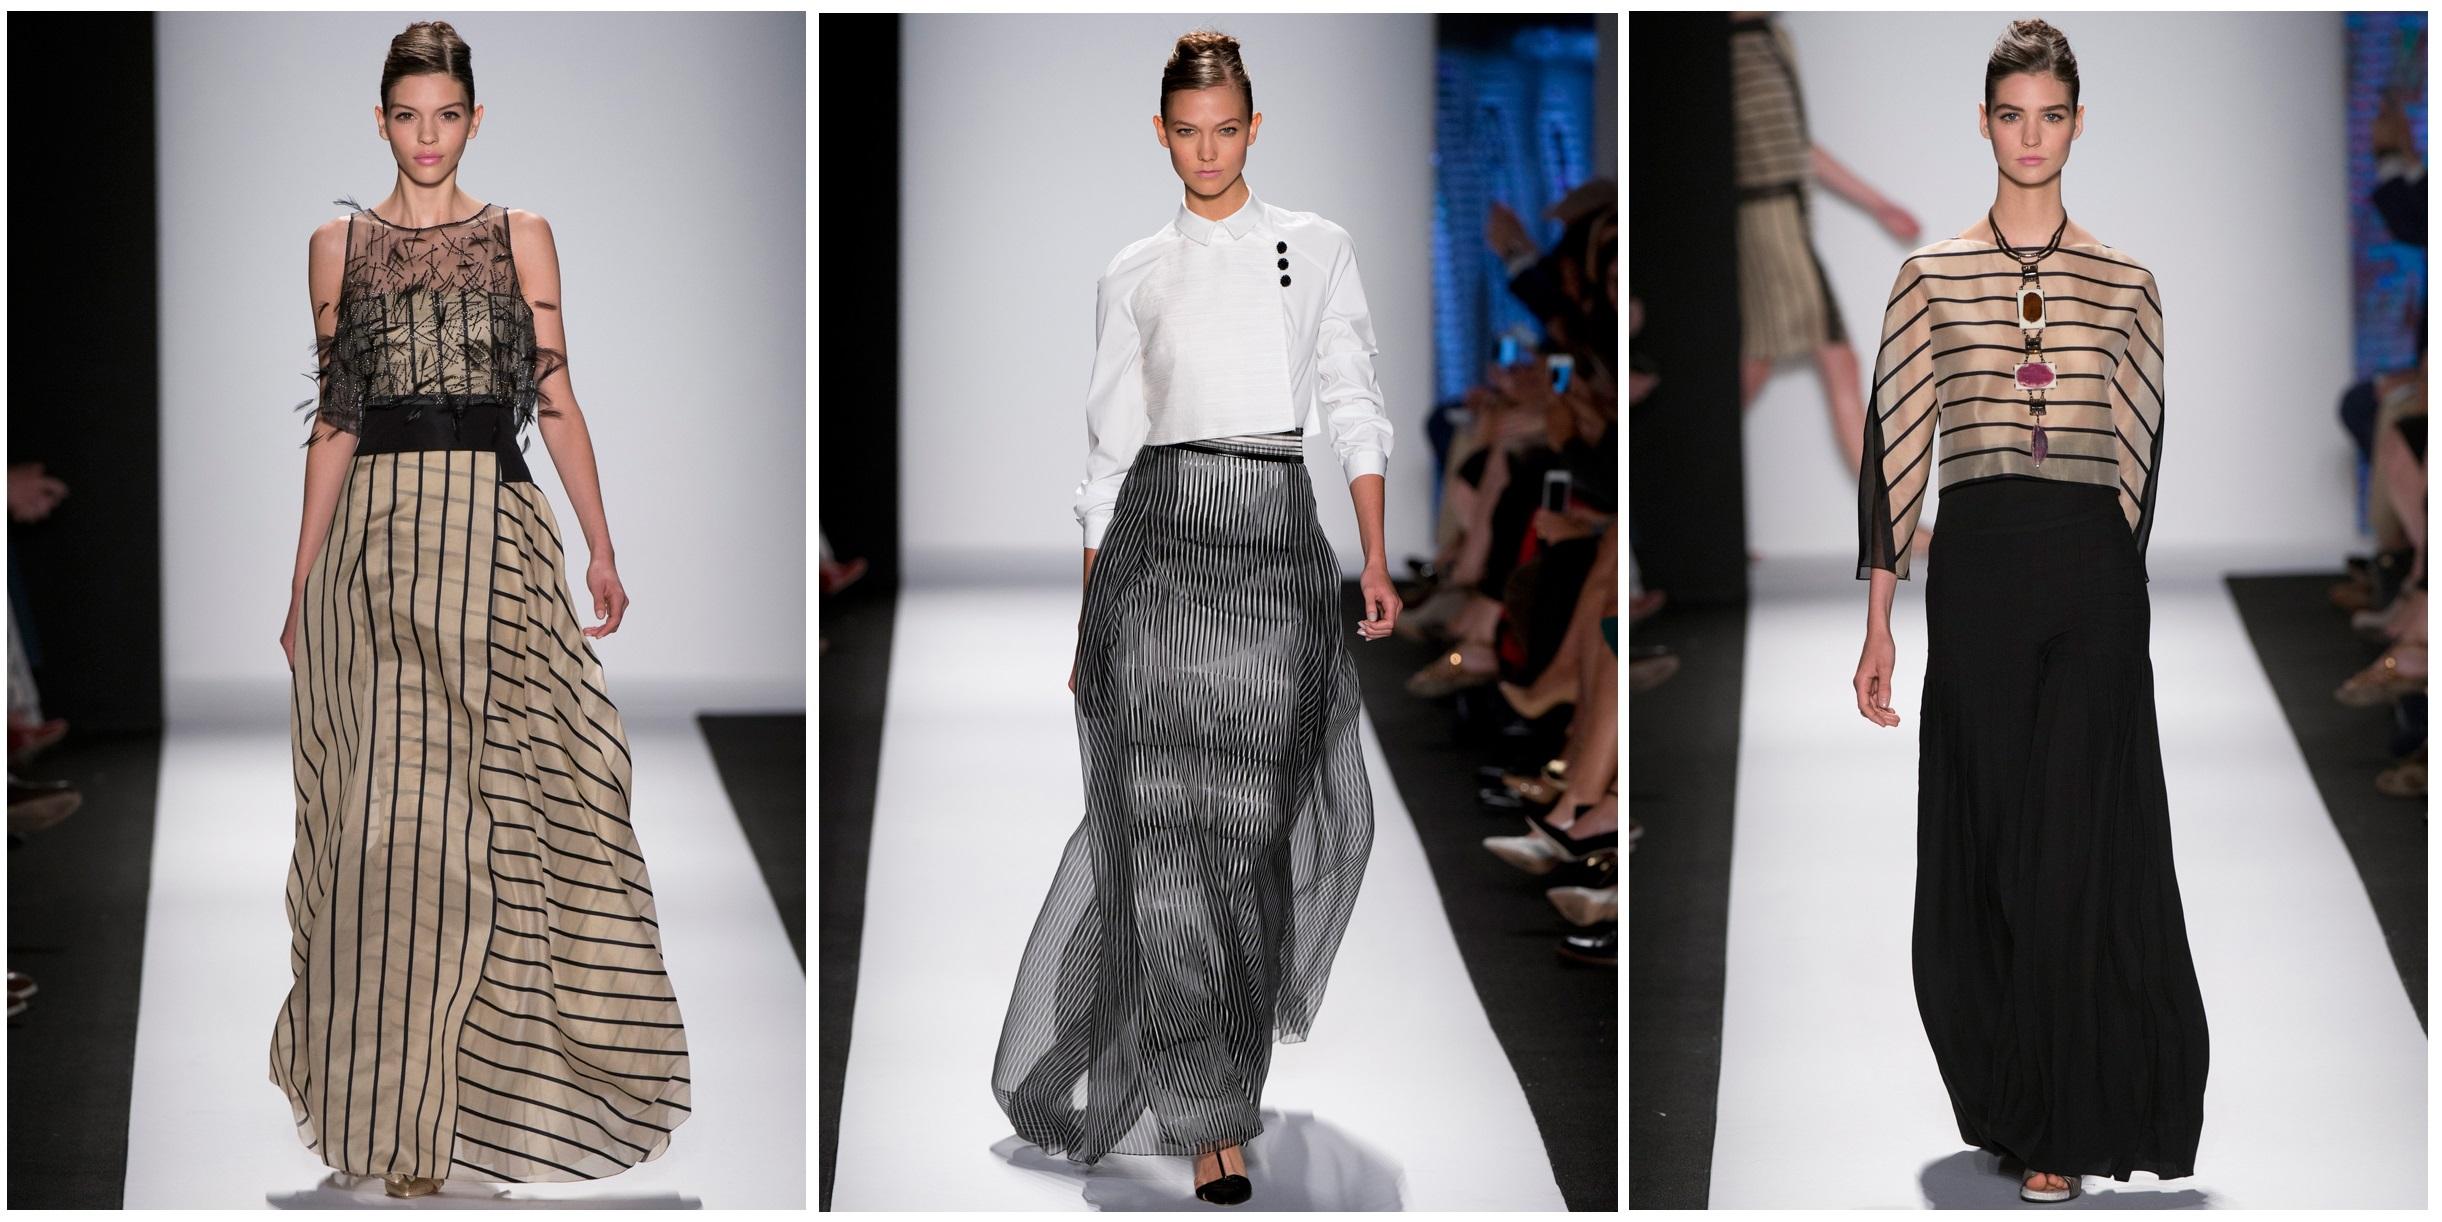 Carolina Herrera Spring 2014 Collection New York Fashion Week